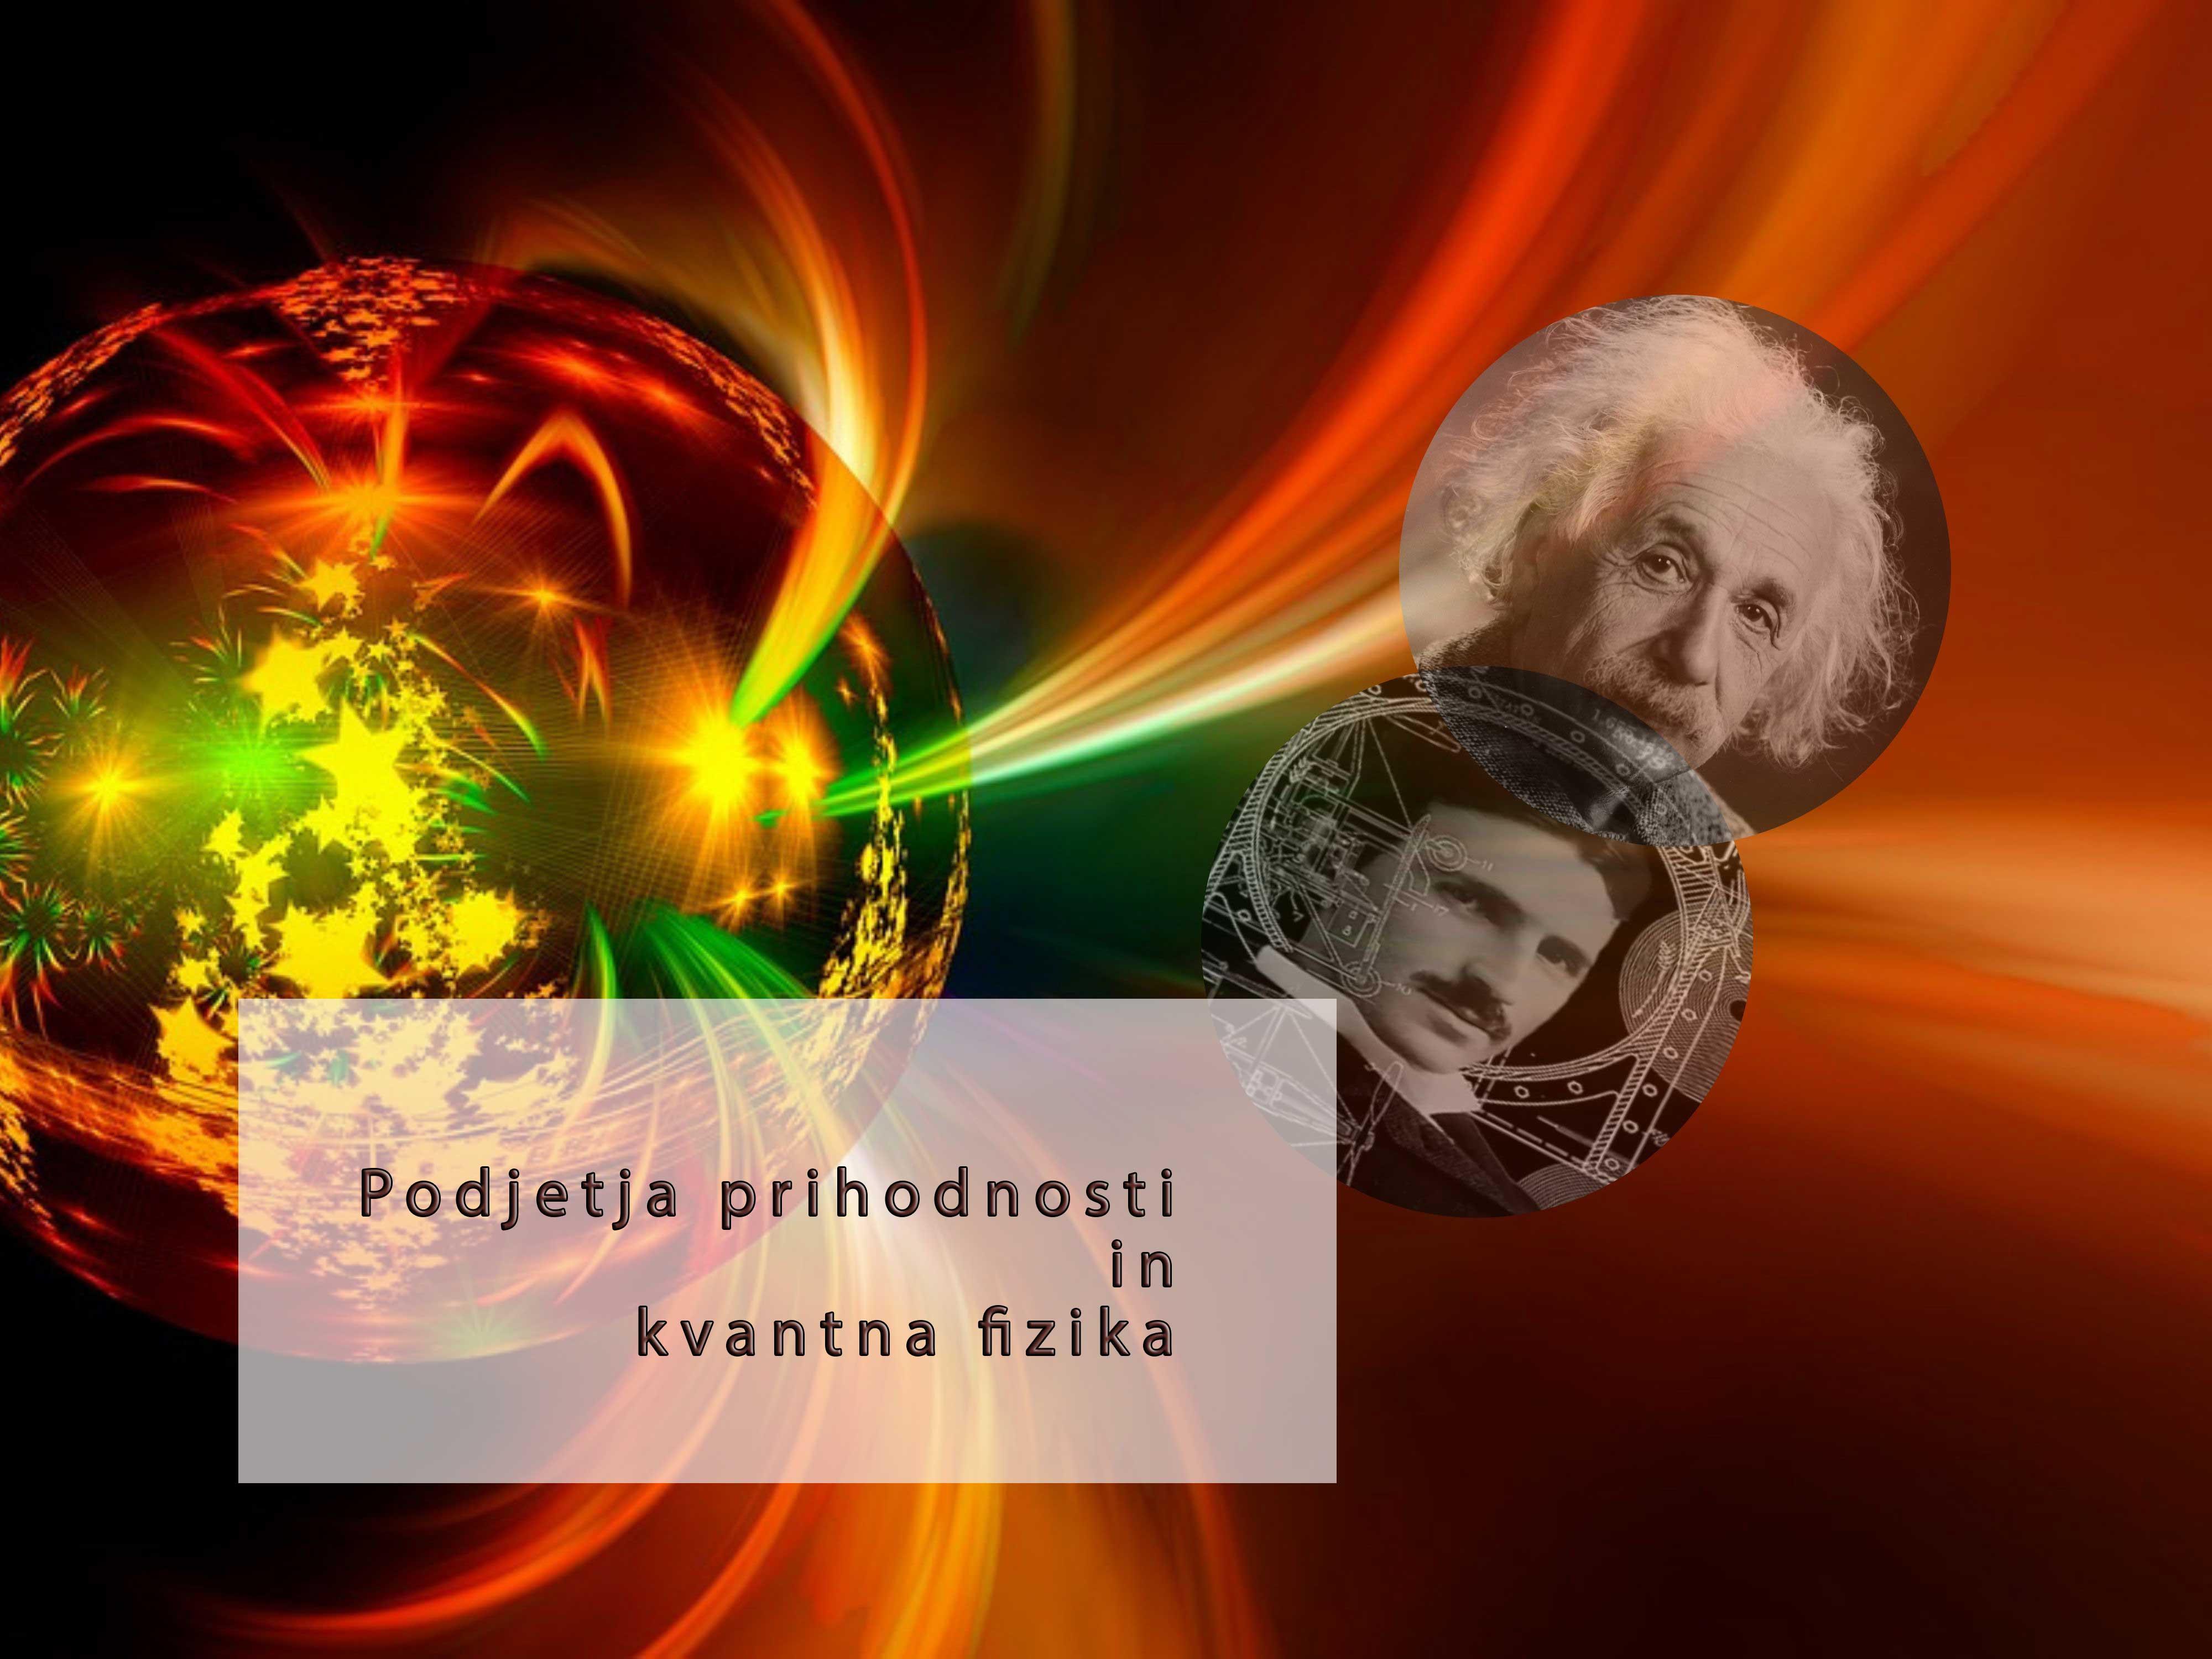 kvantna-fizika